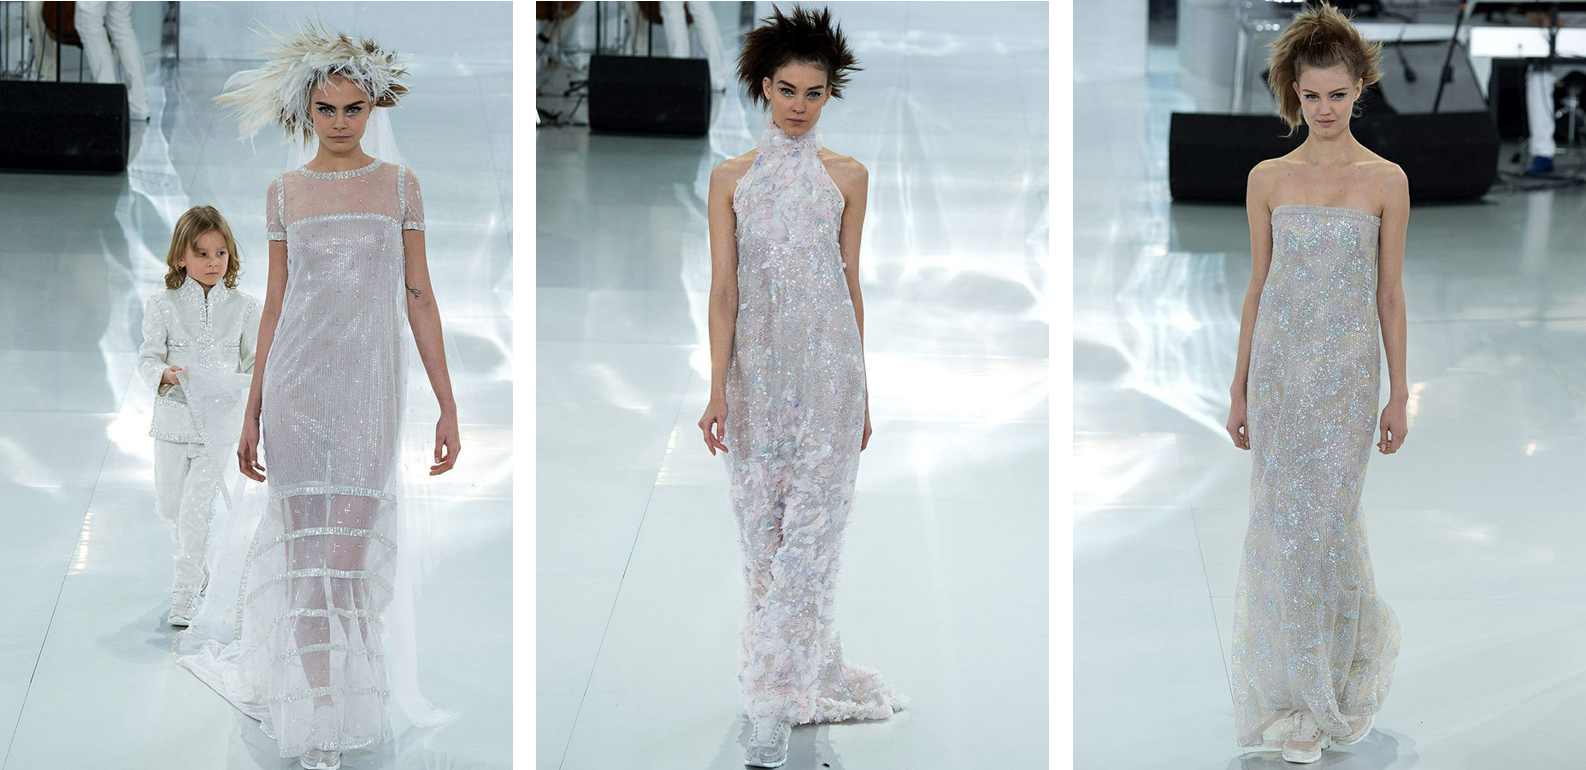 Semana de la Moda de París 2014 Chanel